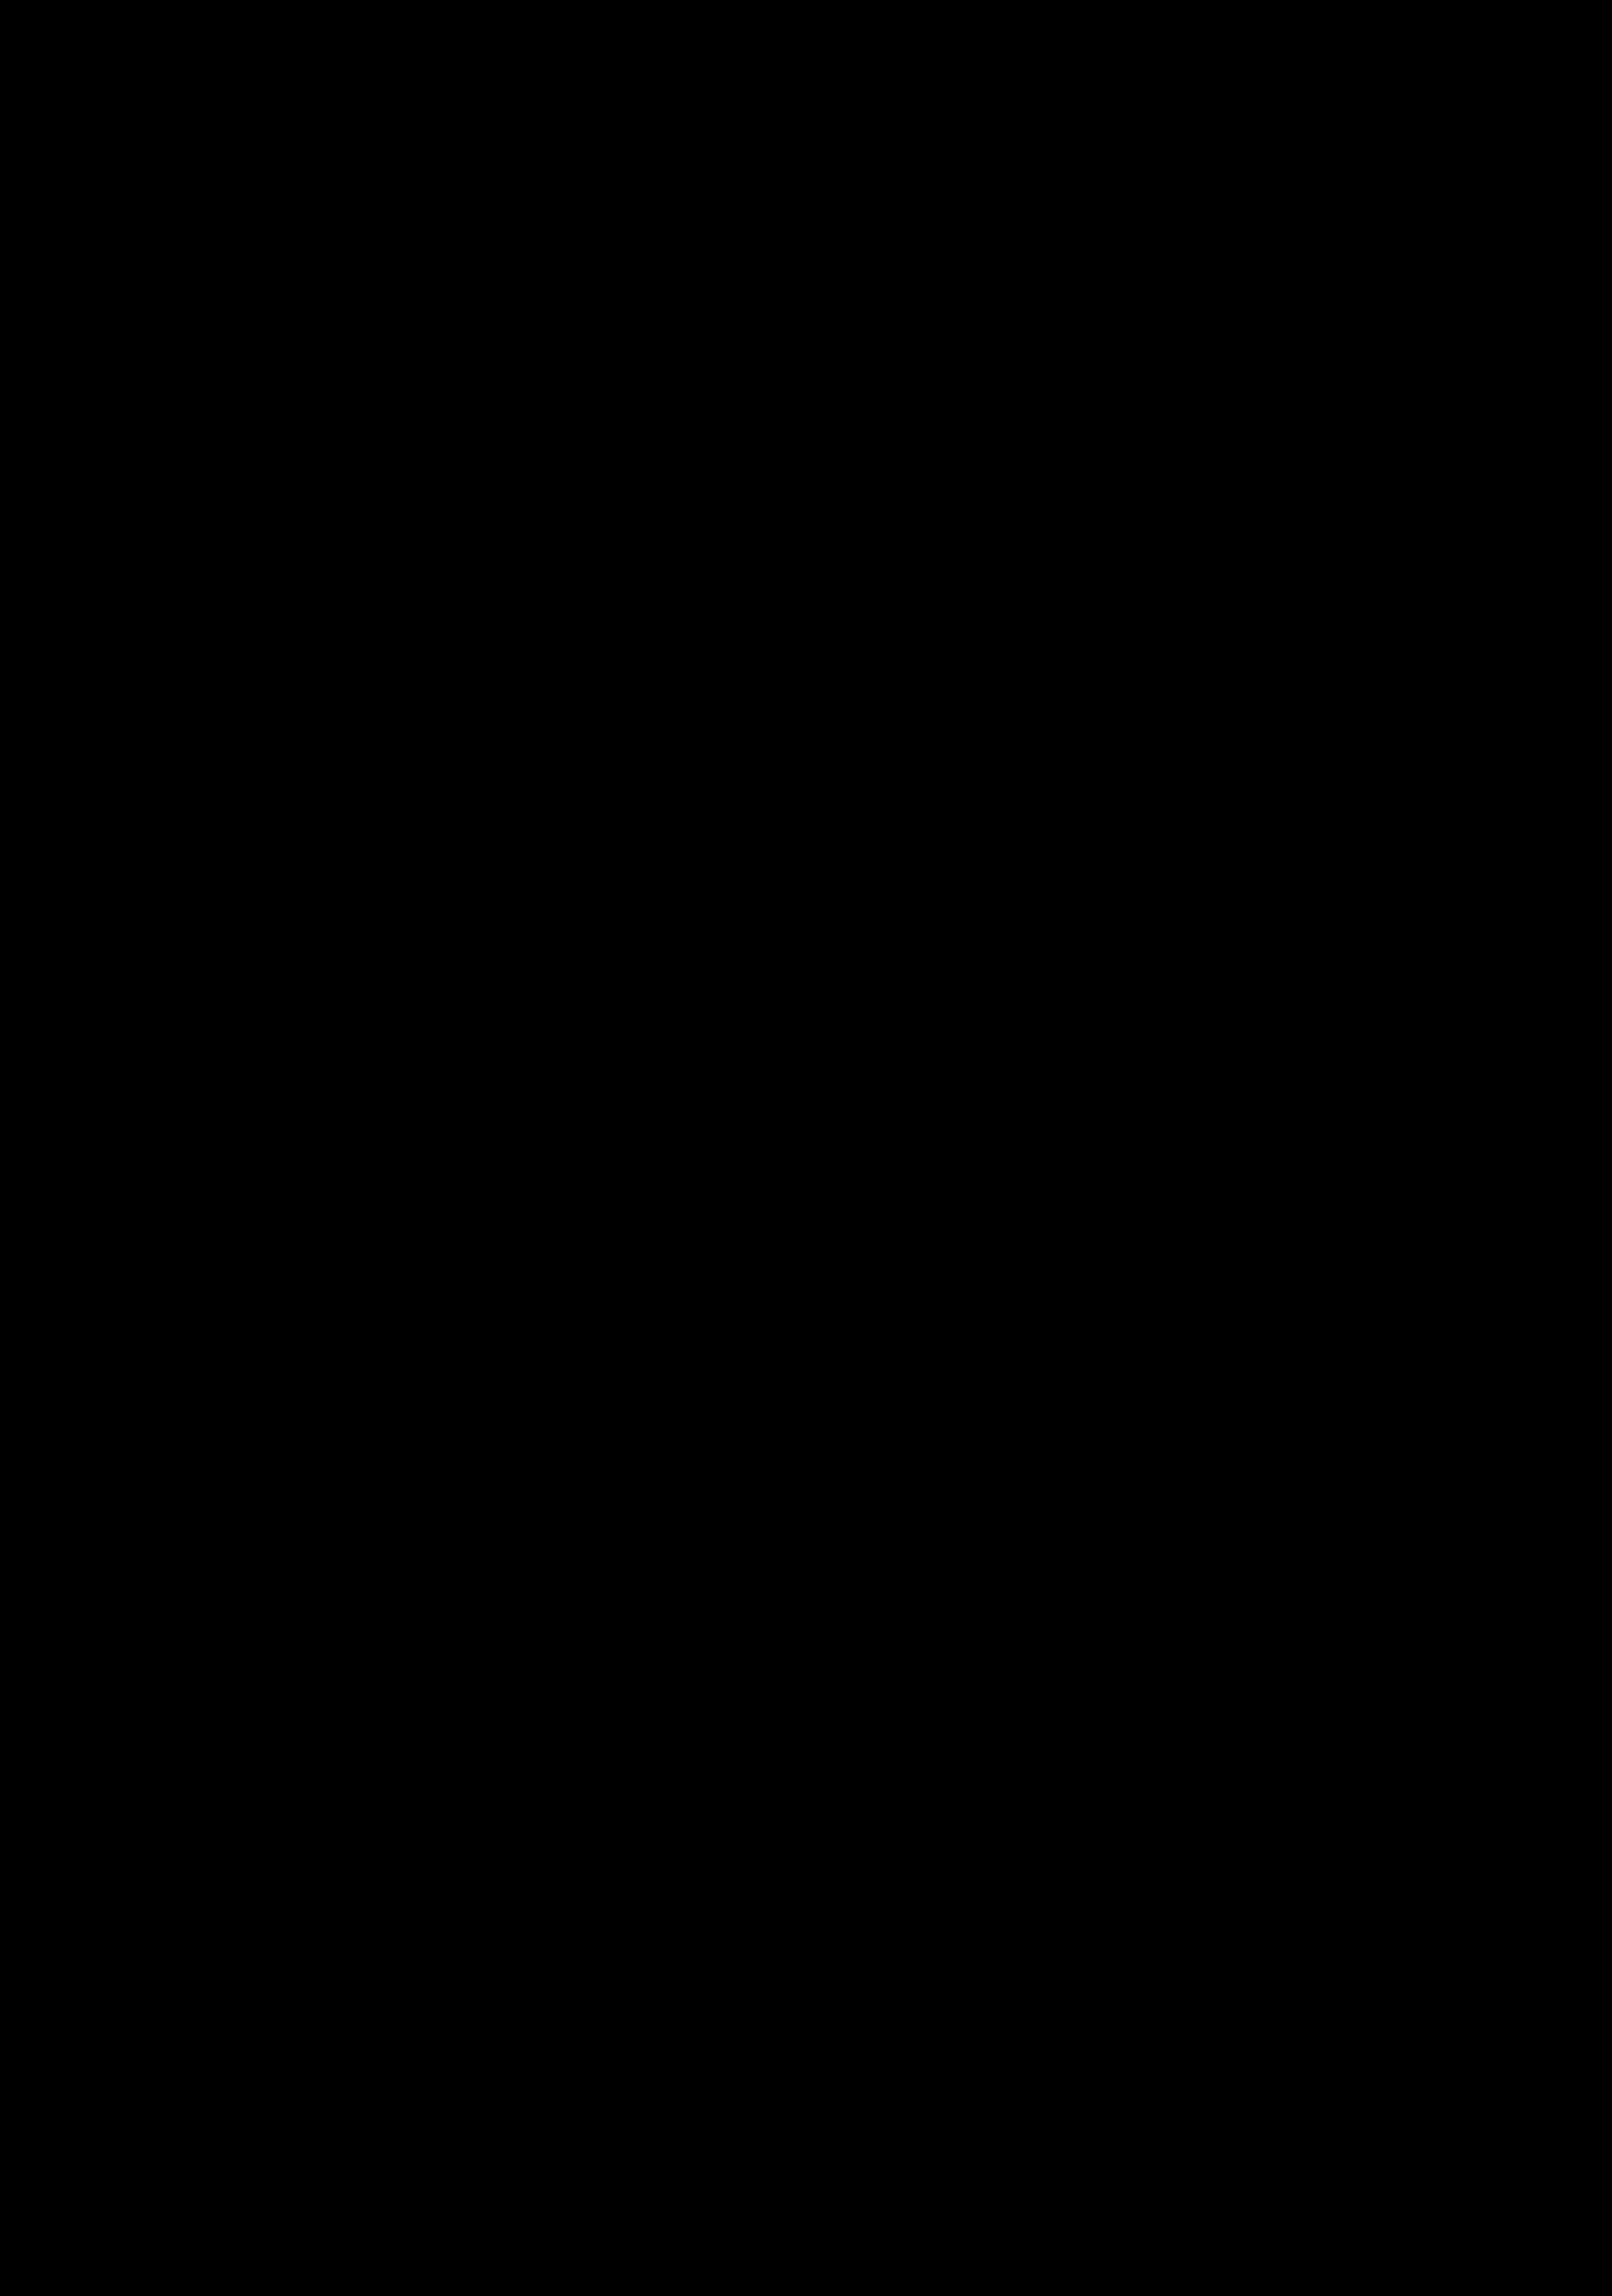 Urkunde Bundeswettbewerb 2018